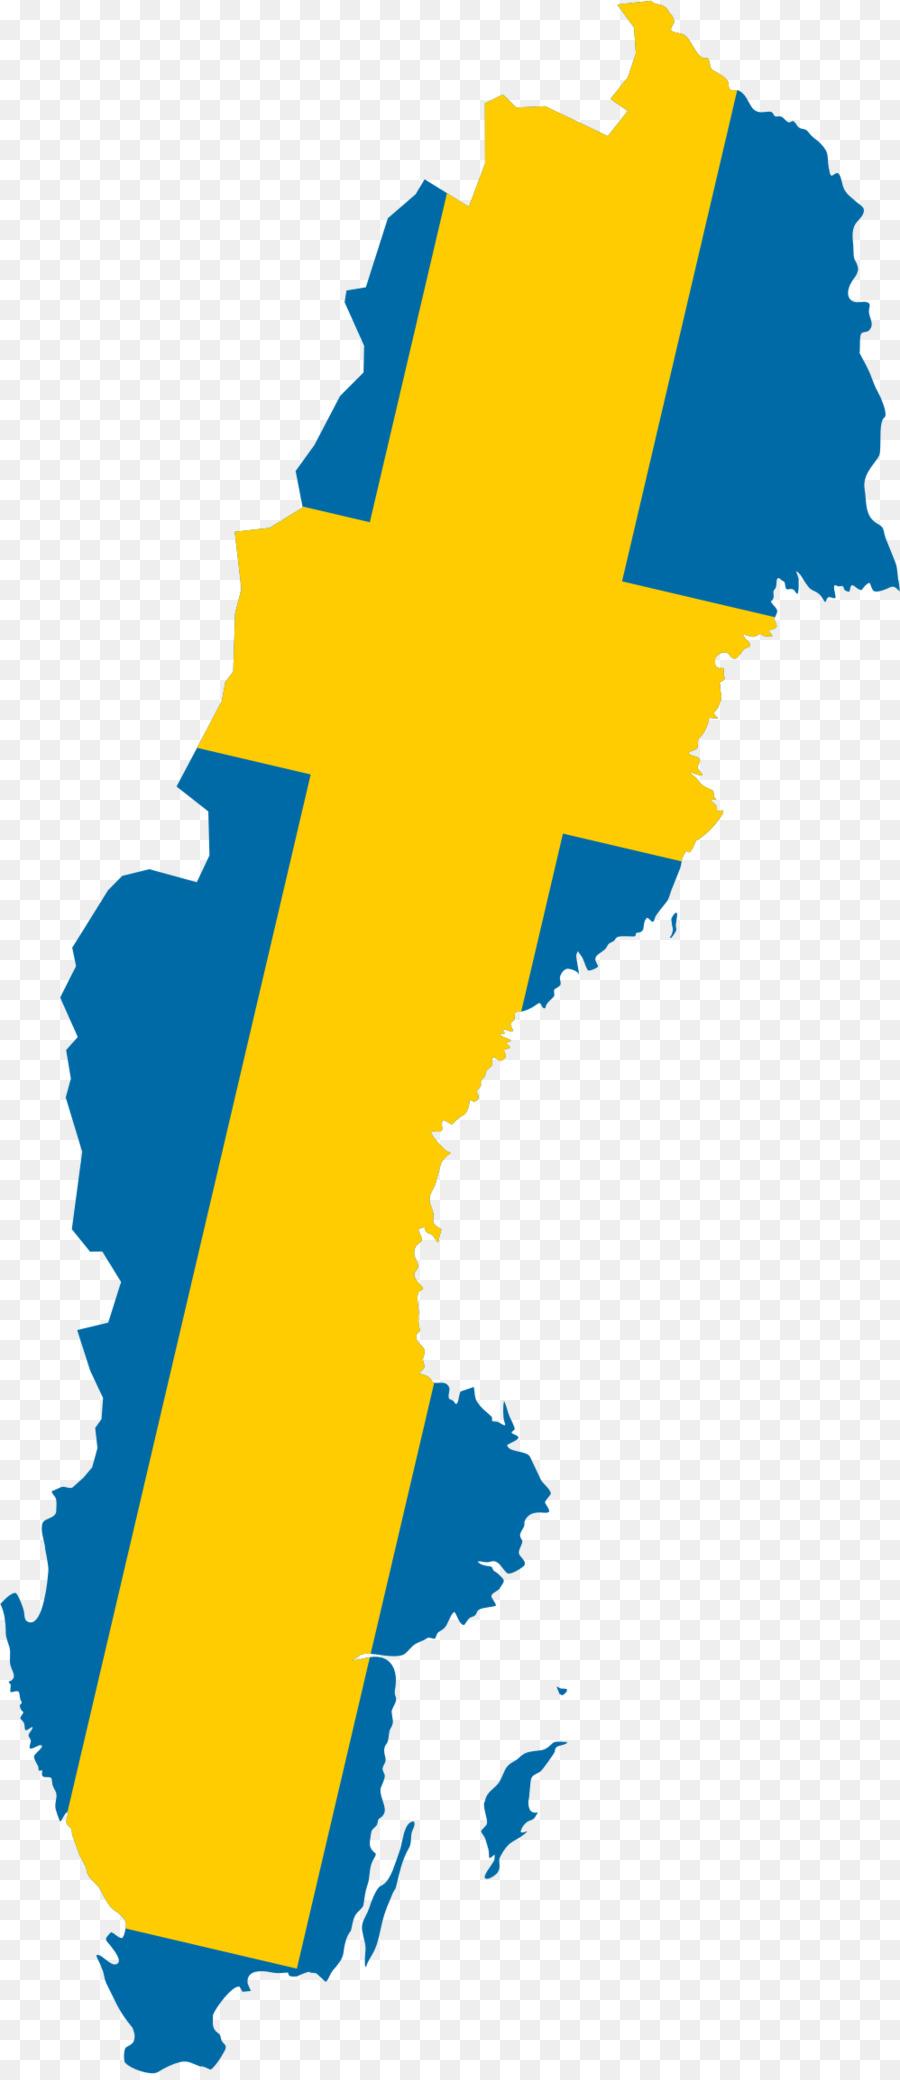 Clipart swedan png transparent stock Map Cartoon clipart - Map, Flag, Yellow, transparent clip art png transparent stock